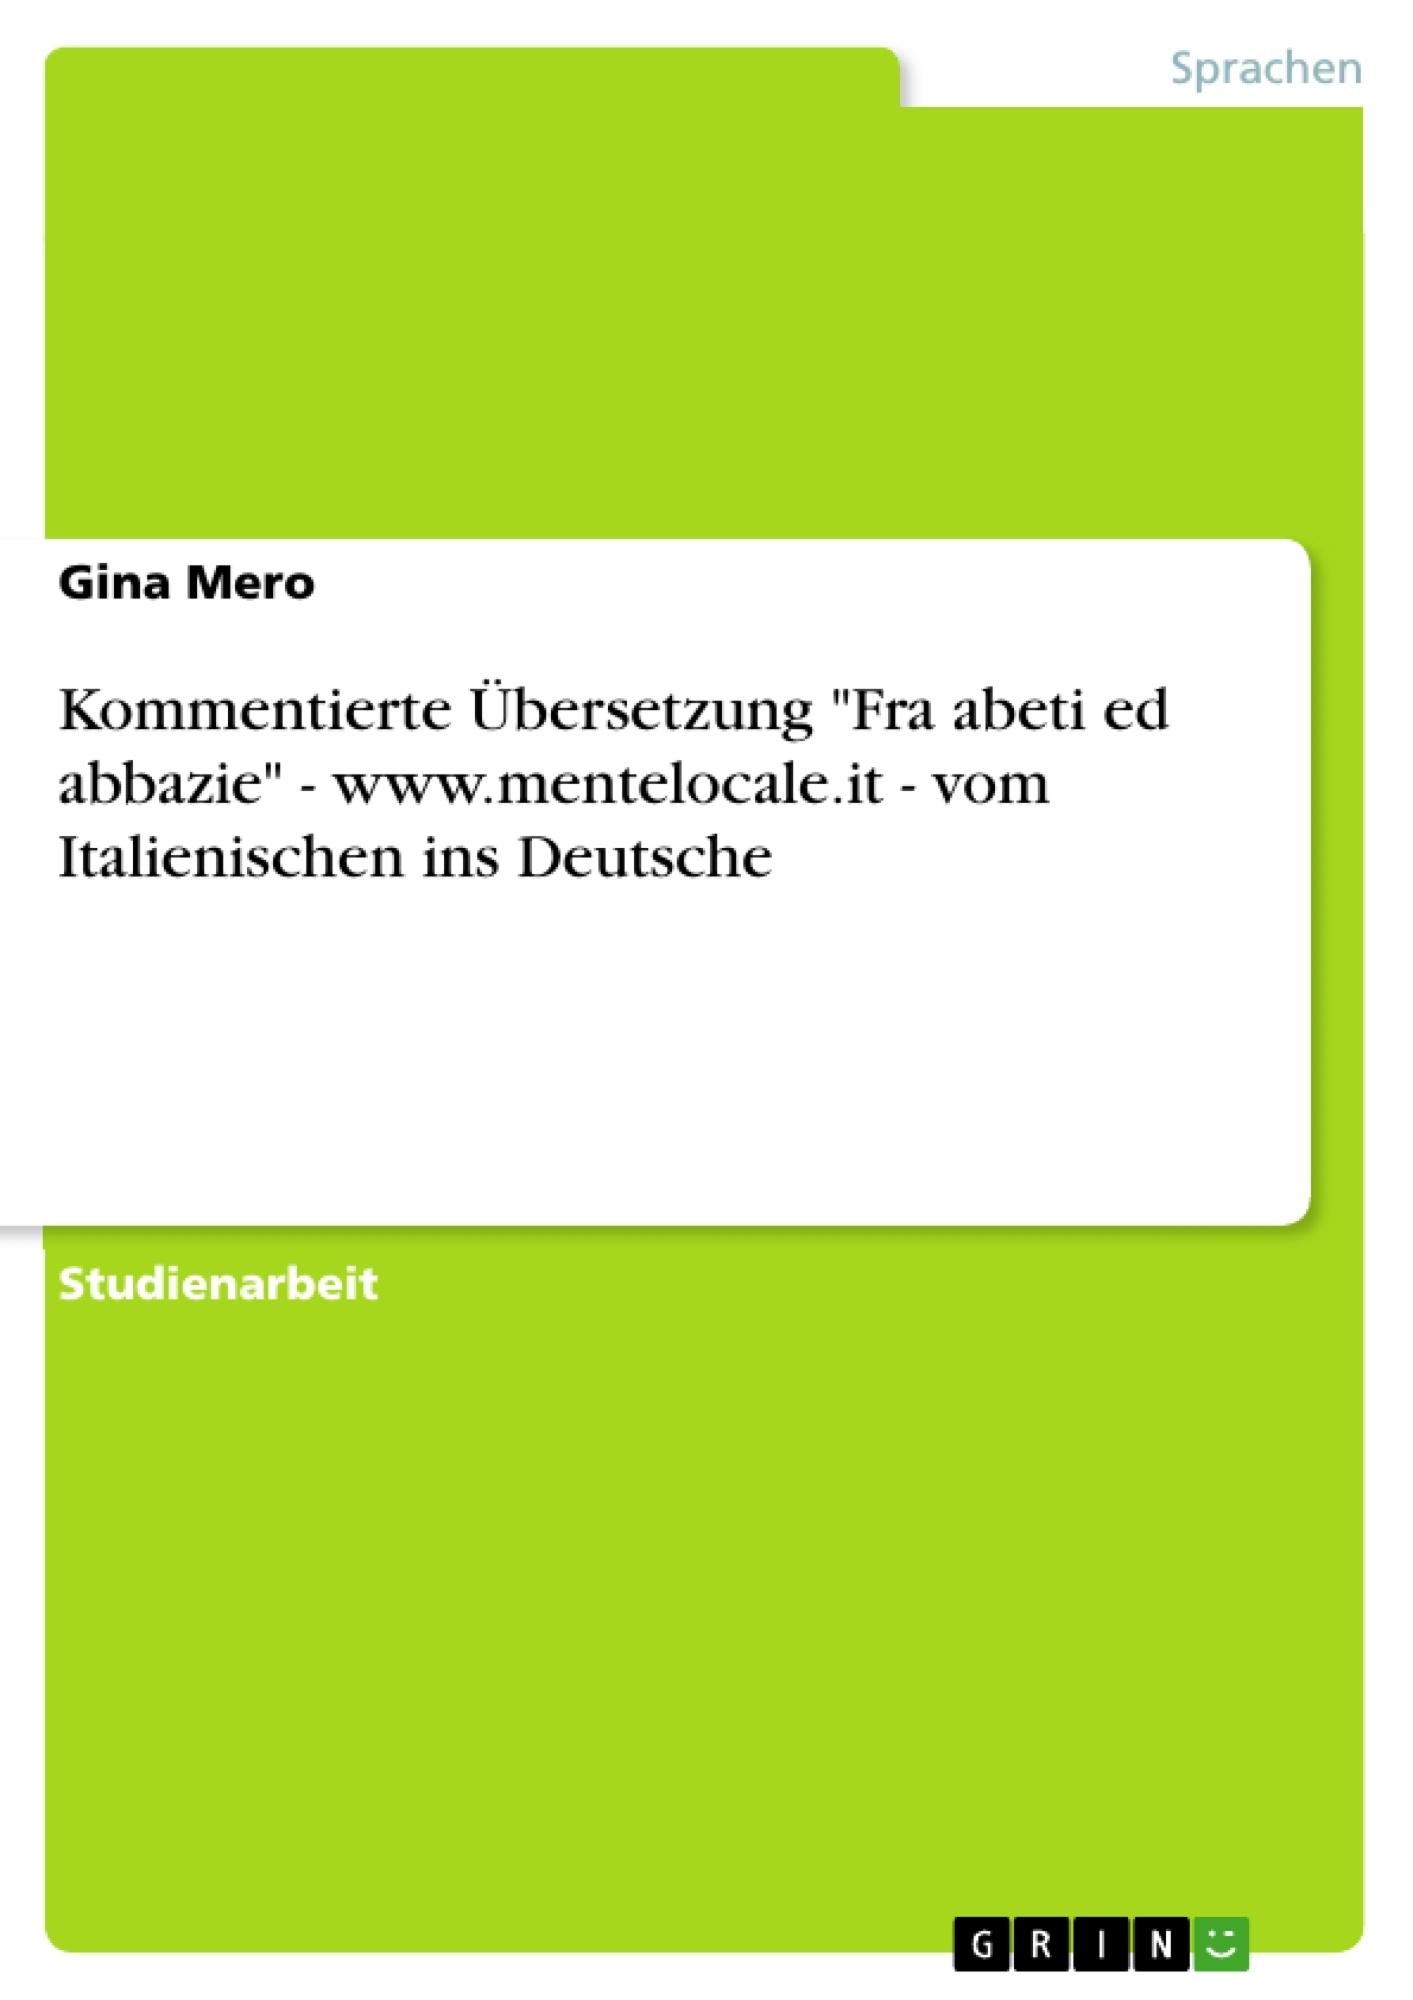 """Titel: Kommentierte Übersetzung """"Fra abeti ed abbazie"""" -  www.mentelocale.it  - vom Italienischen ins Deutsche"""